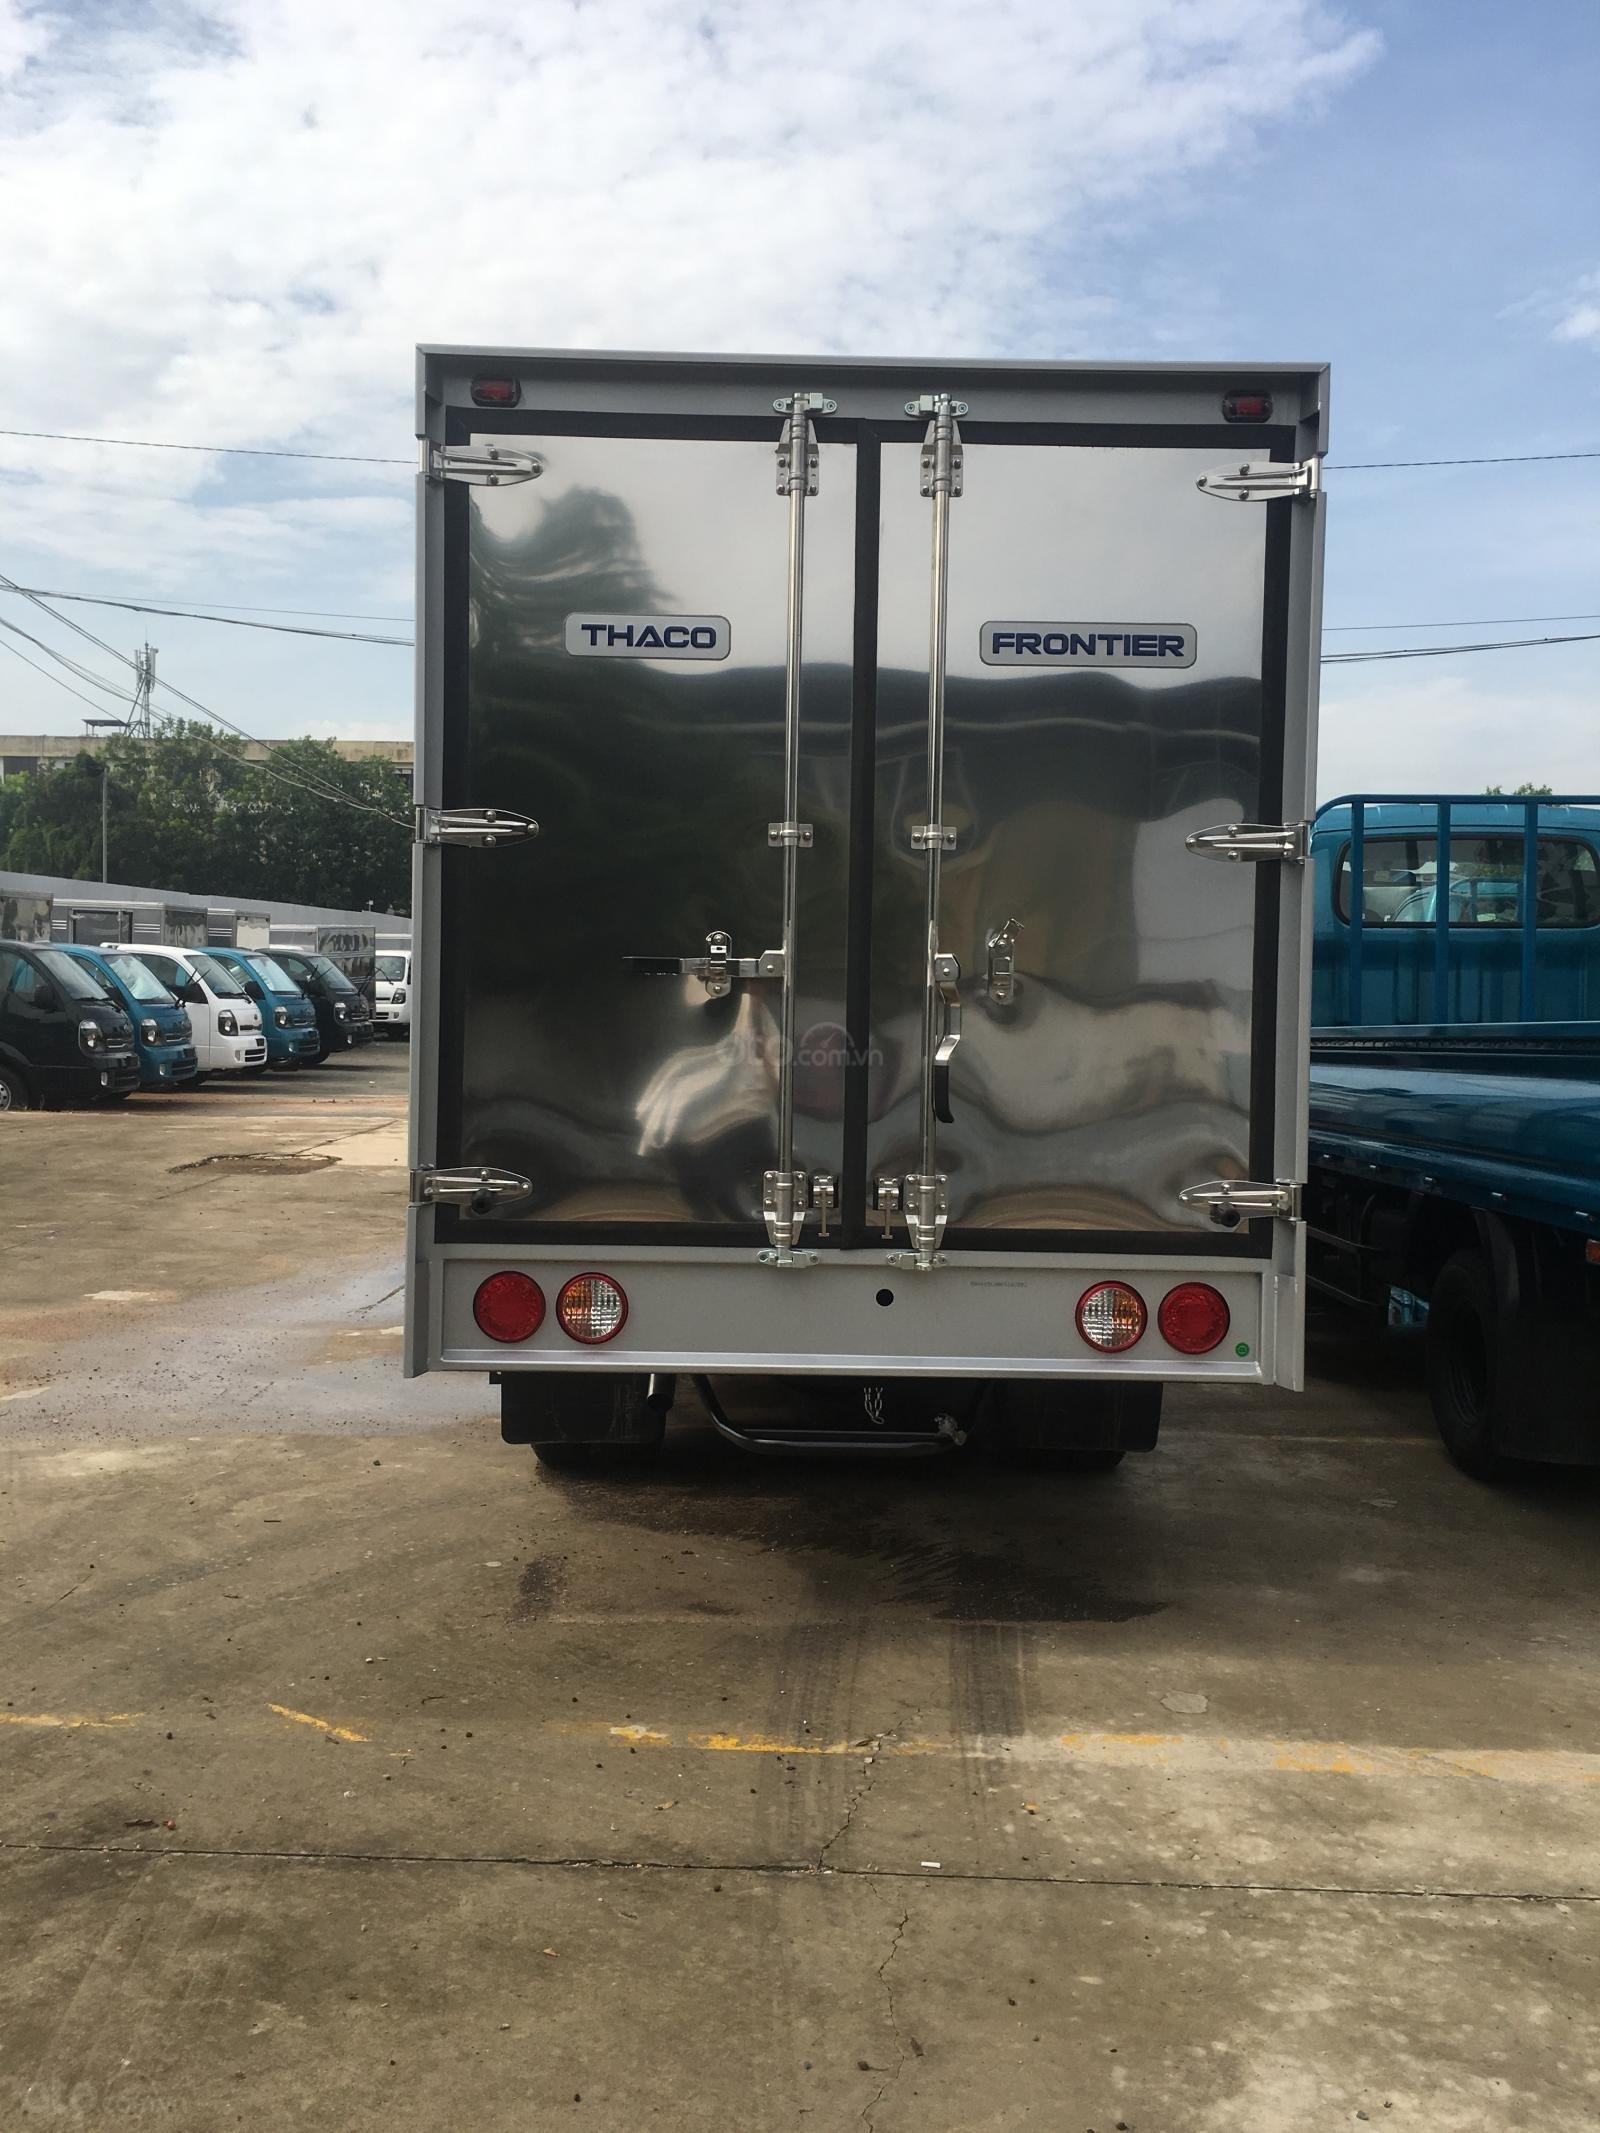 [ Trường Hải Bình Dương ] Bán xe tải Kia K200 và K250, tải trọng từ 1 tấn đến 2.5 tấn, hỗ trợ trả góp - LH: 0944.813.912 (5)